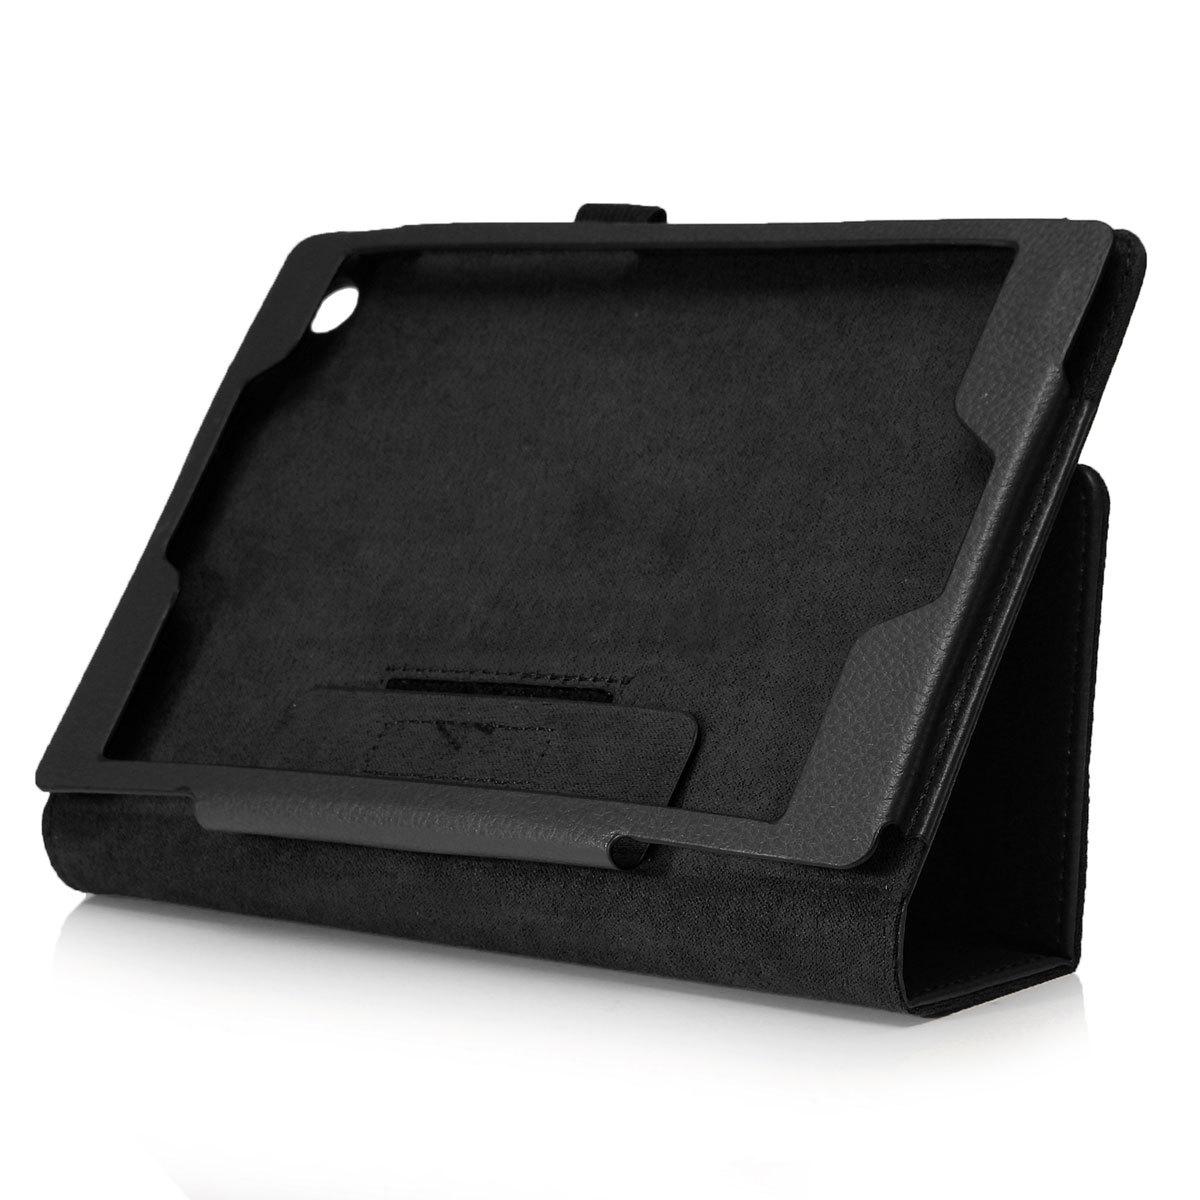 Housse Etui Coque Smart Cover Case Pr Asus Zenpad S 8 0